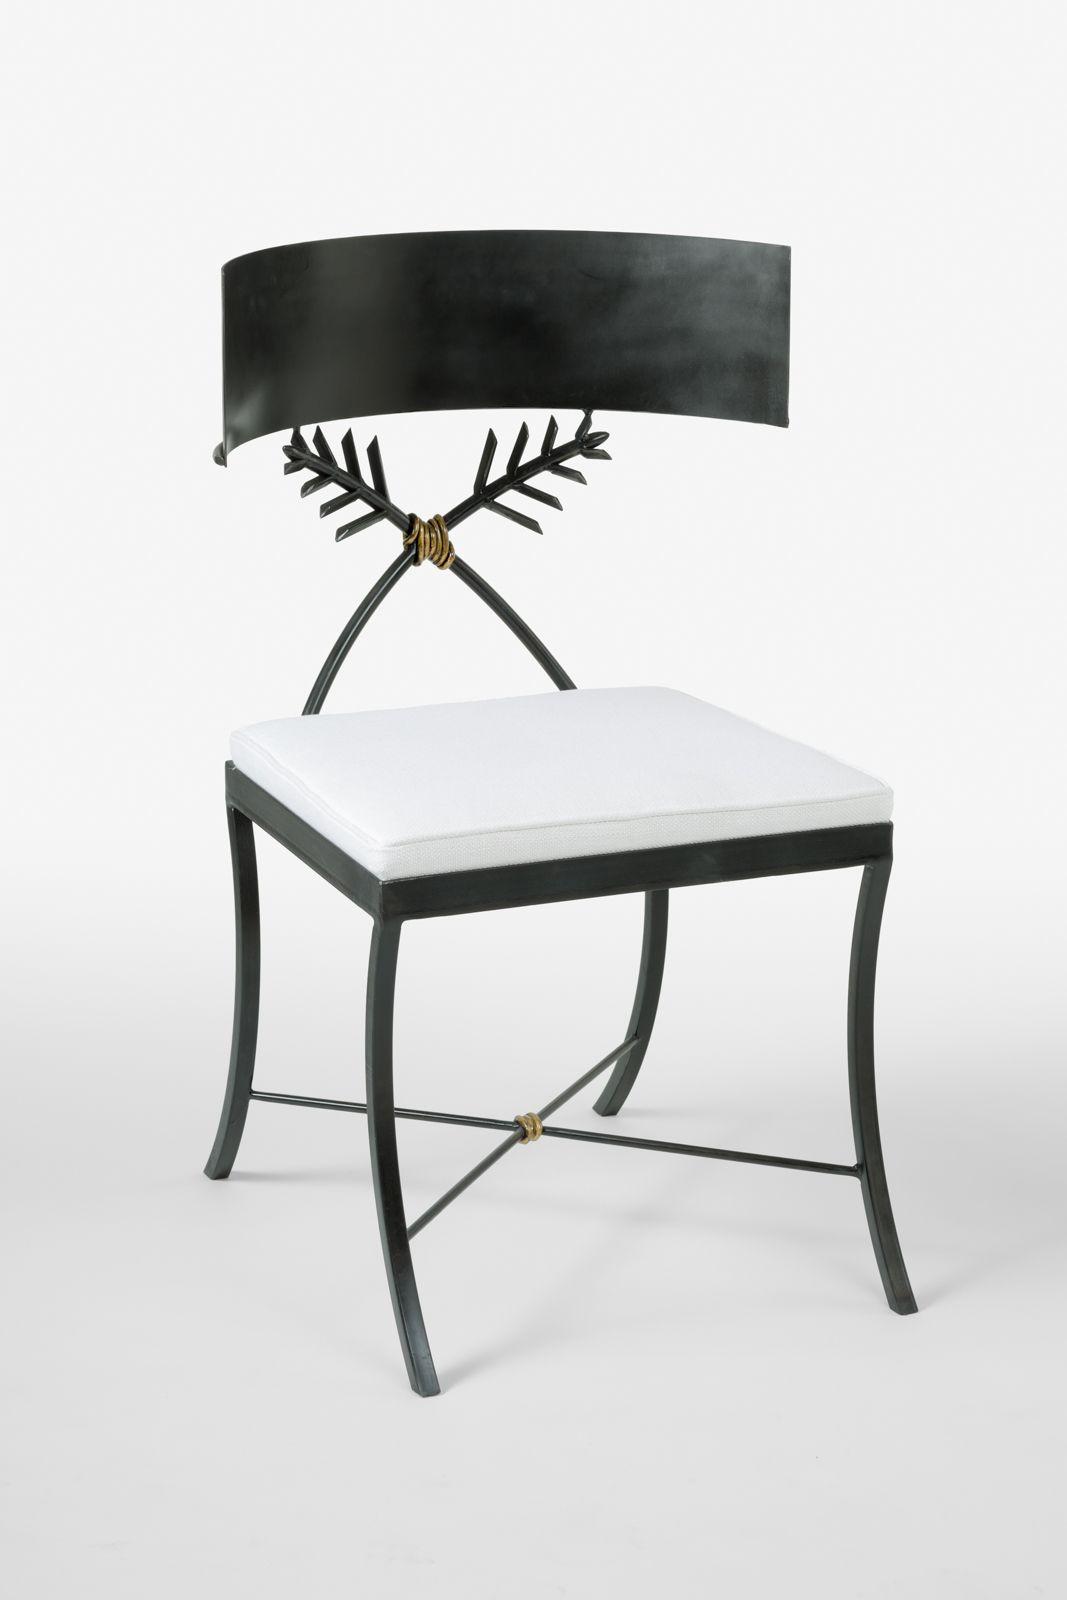 chair_1 Iron klismos